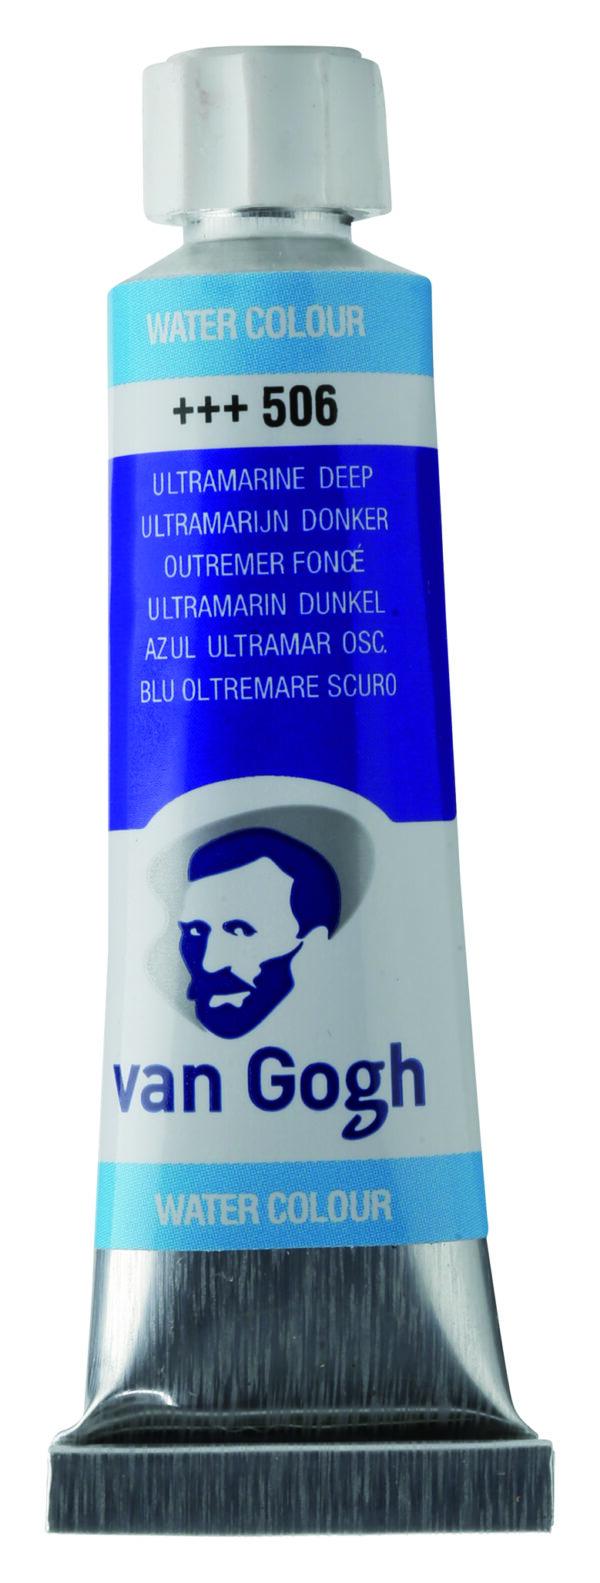 Van Gogh 506 Ultramarine Deep - 10 ml